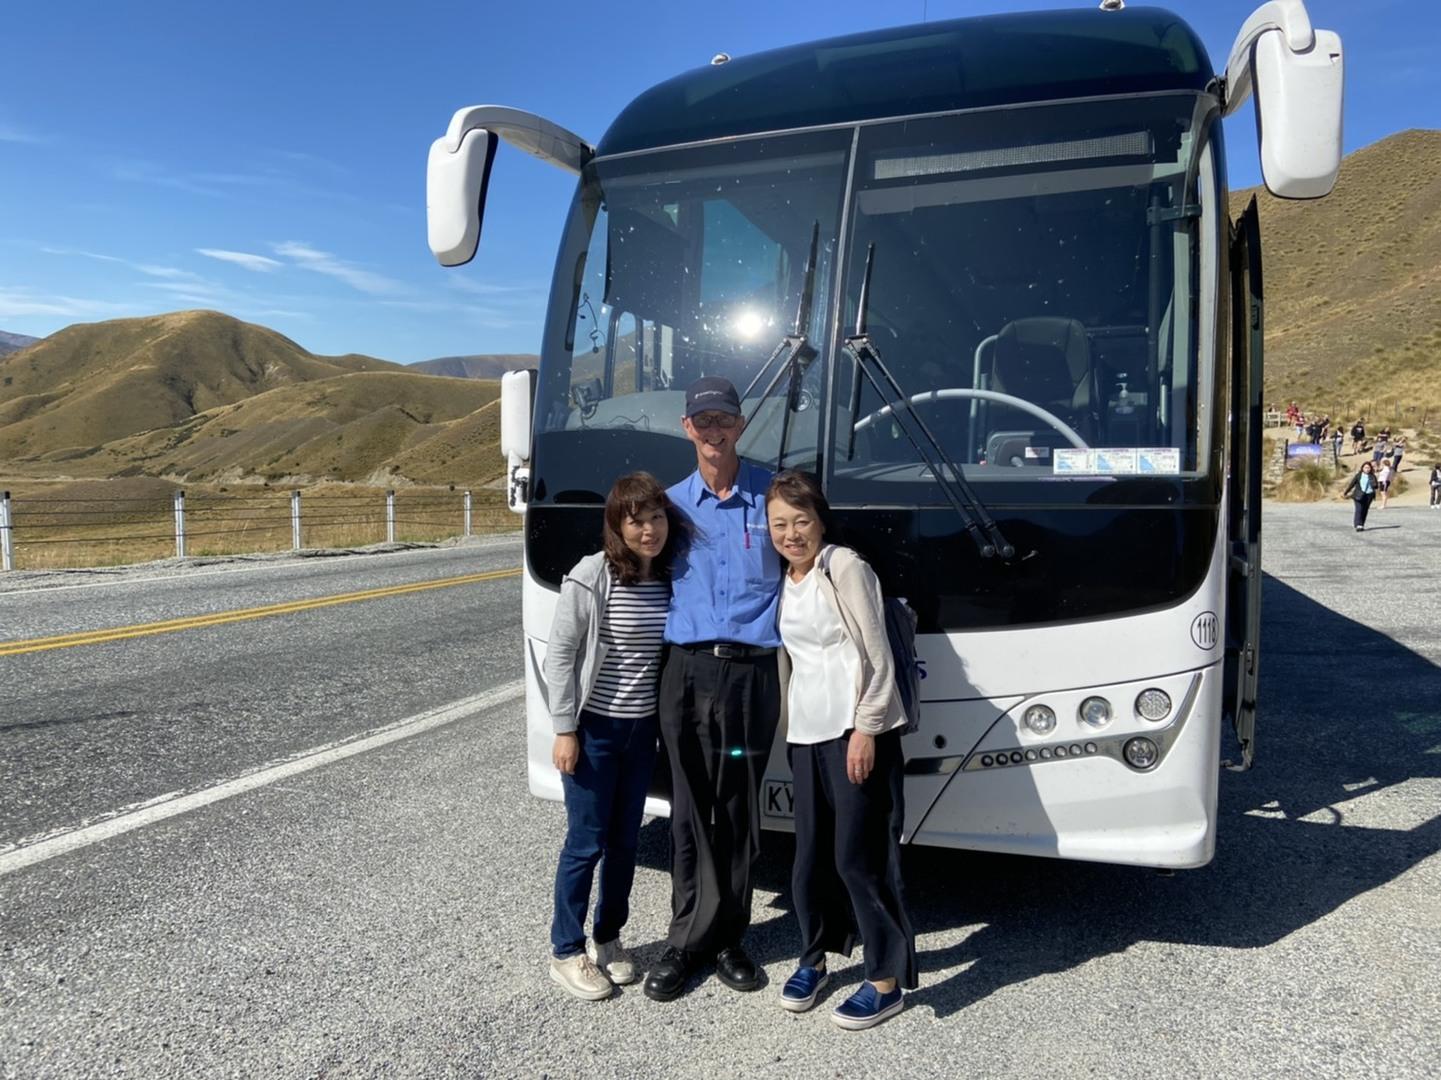 景色が美しく、ガイドさんもドライバーさんもとても良い人でした 長距離の移動も楽しめました